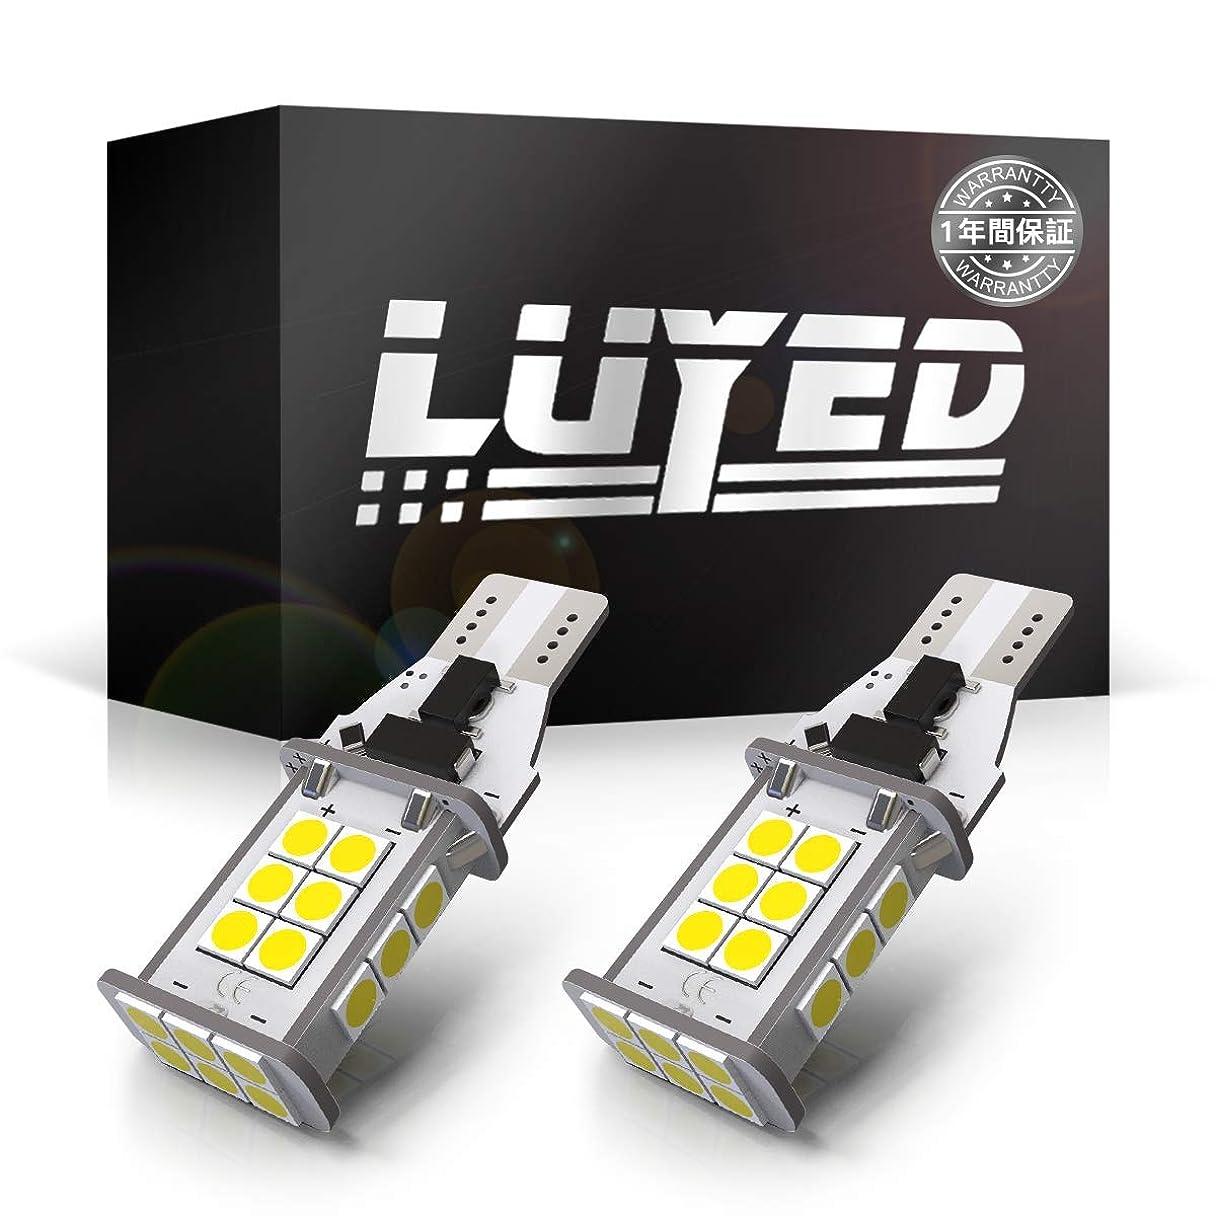 重要重さ追い付くピカキュウ クラウンアスリート180系(MC後) LED バックランプ T16 ボルトオン 7800K ユーロホワイト 後退灯 2個 20301